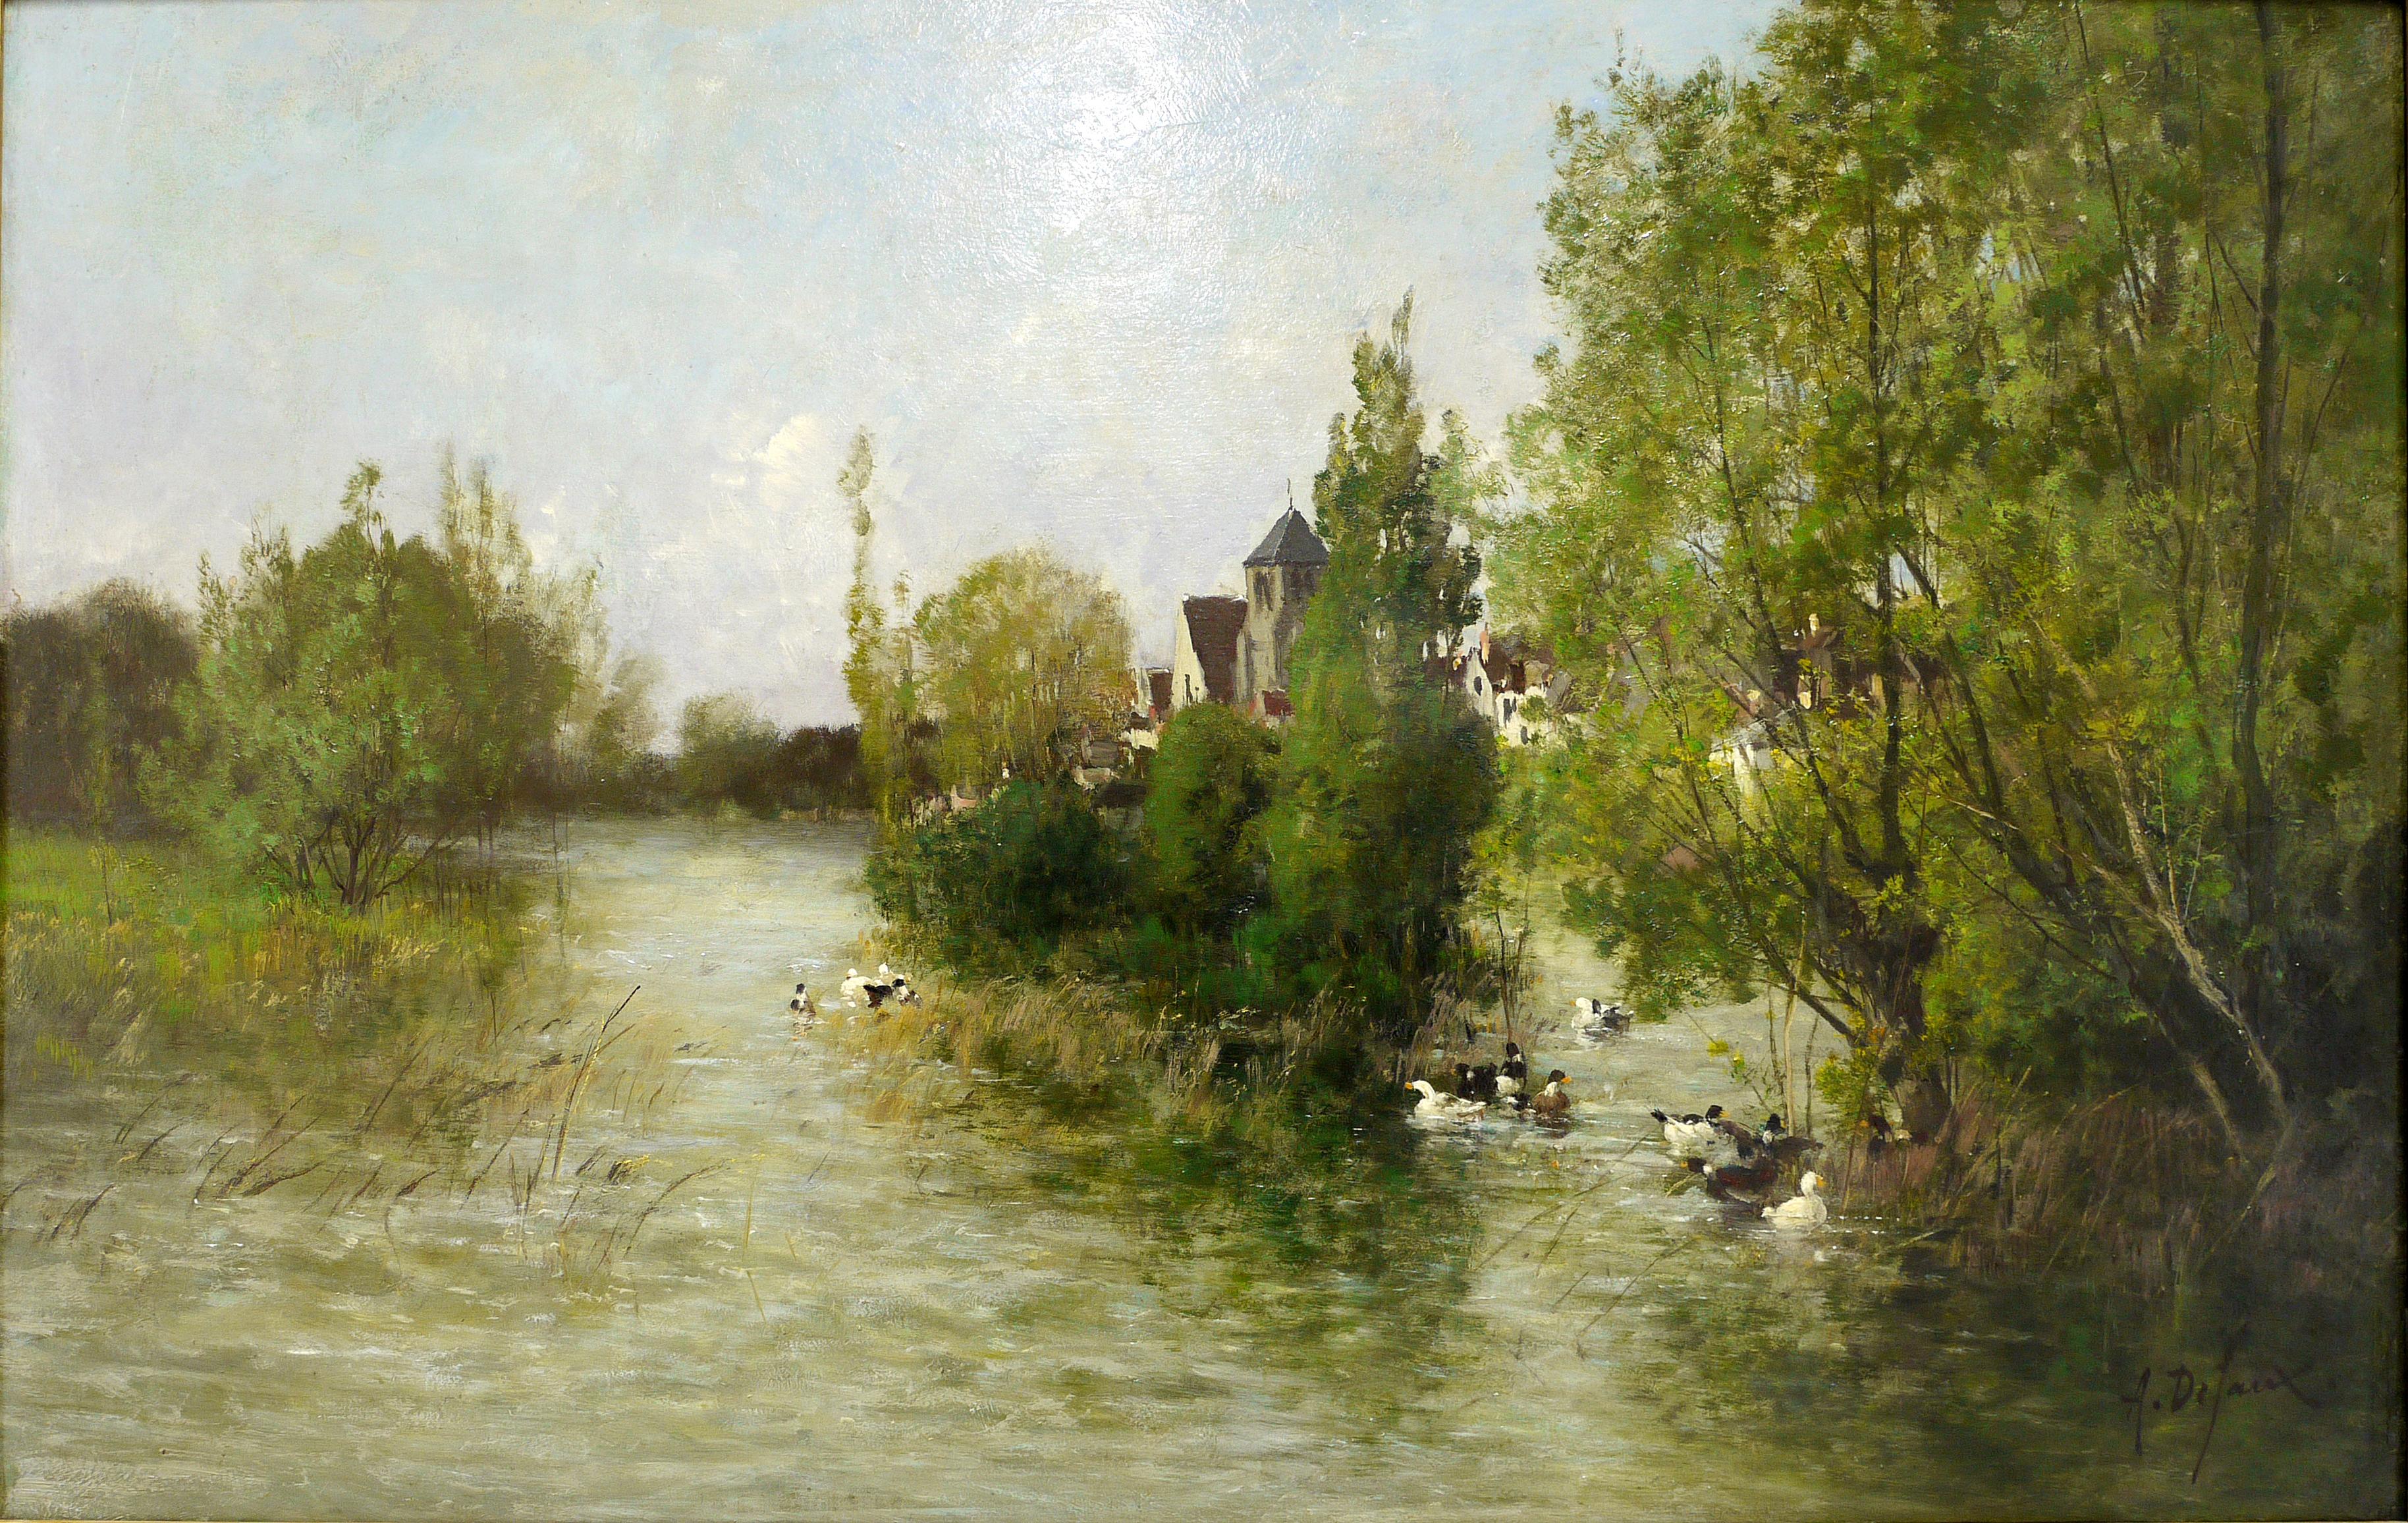 Alexandre Defaux, L'étang aux canards, paysage du Loing, 19ème s. © Musée de Valence, photographie Béatrice Roussel